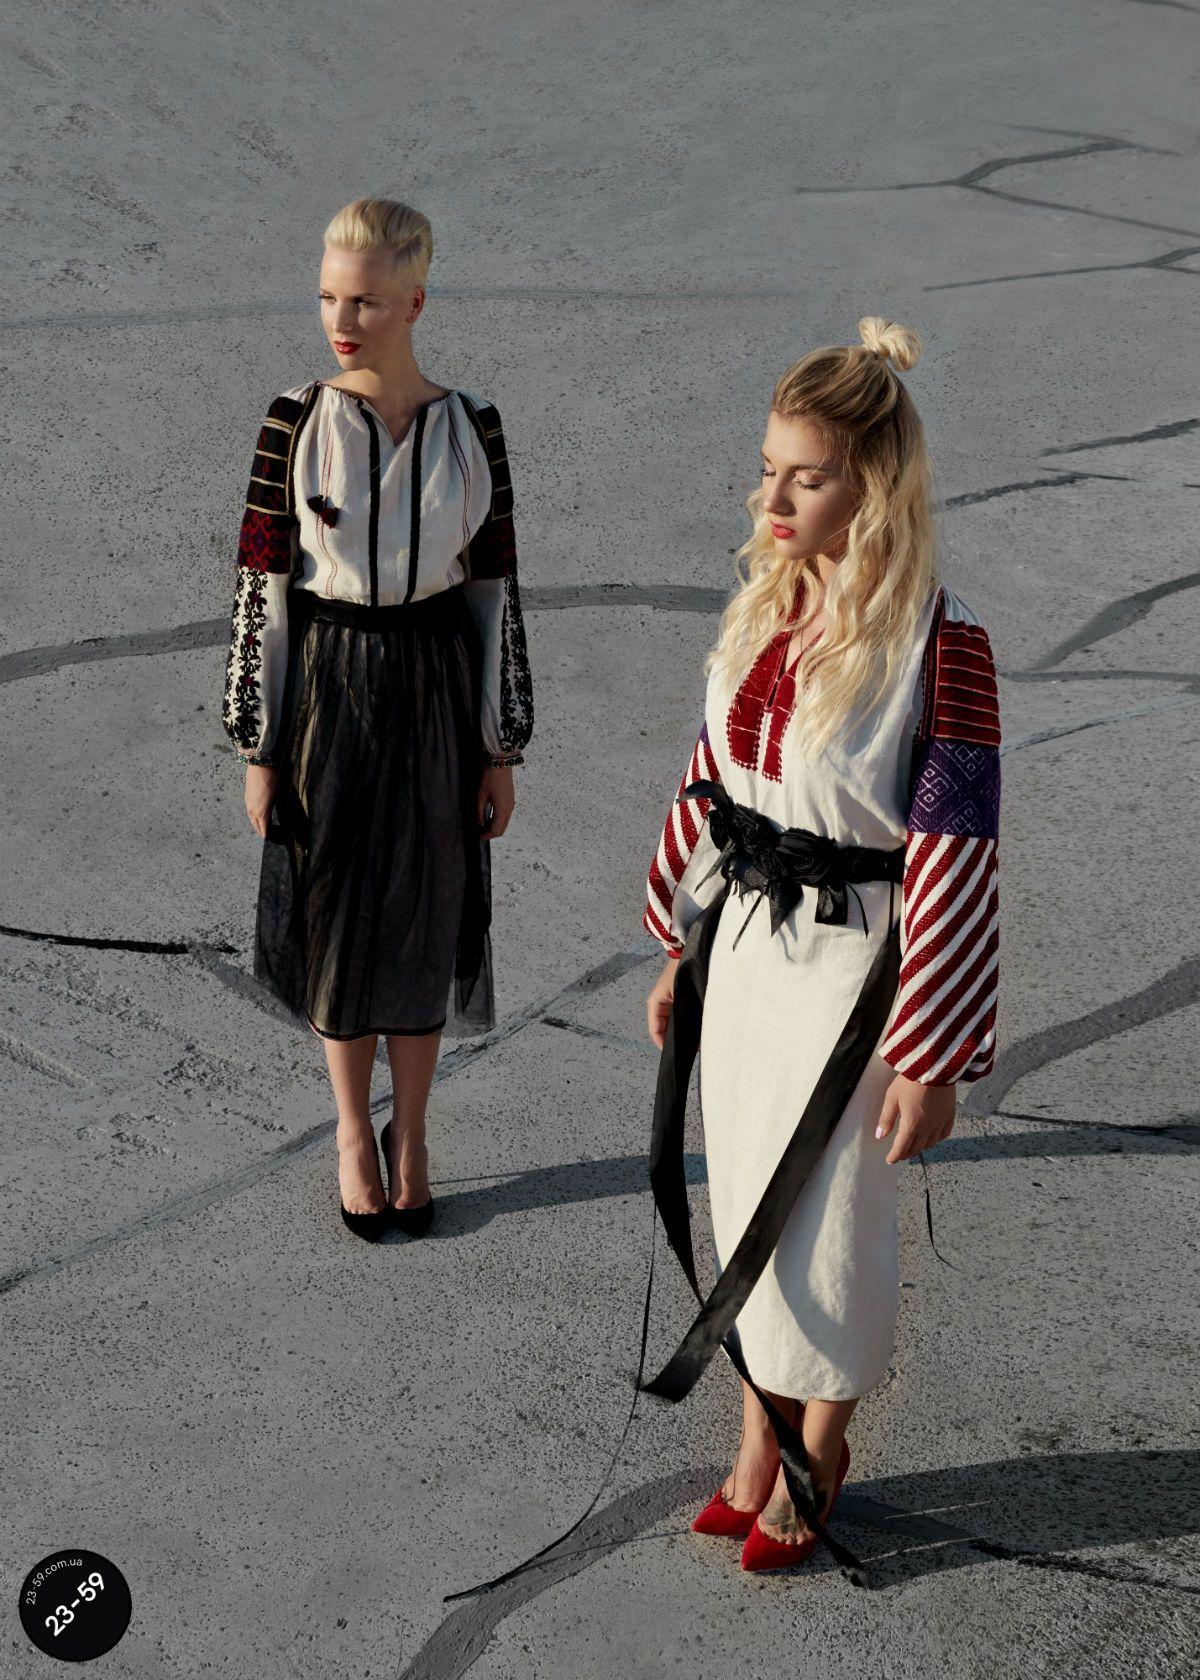 Леся Нікітюк, Марія Яремчук та інші зірки знялись у фотопроекті до Дня незалежності - фото 334555